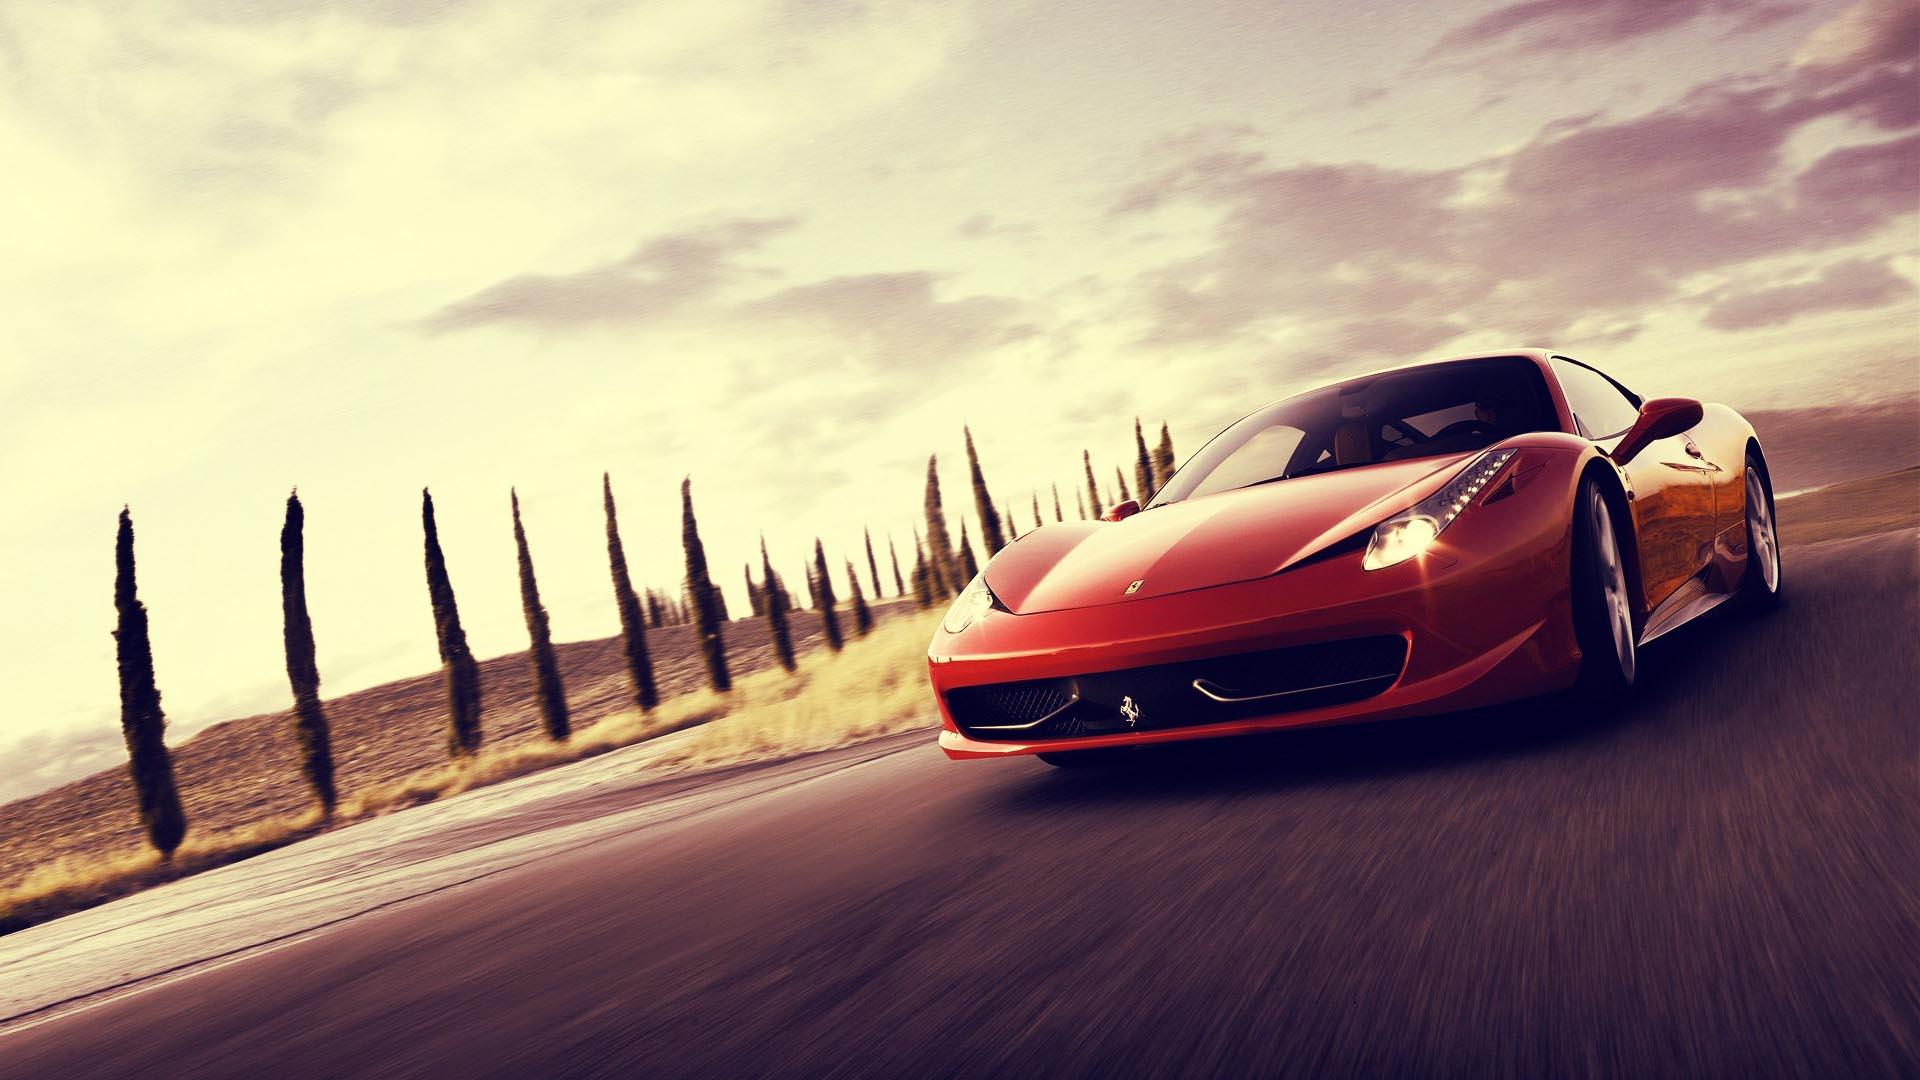 Full hd car wallpapers 1080p wallpapersafari - Car hd wallpapers 1080p download ...